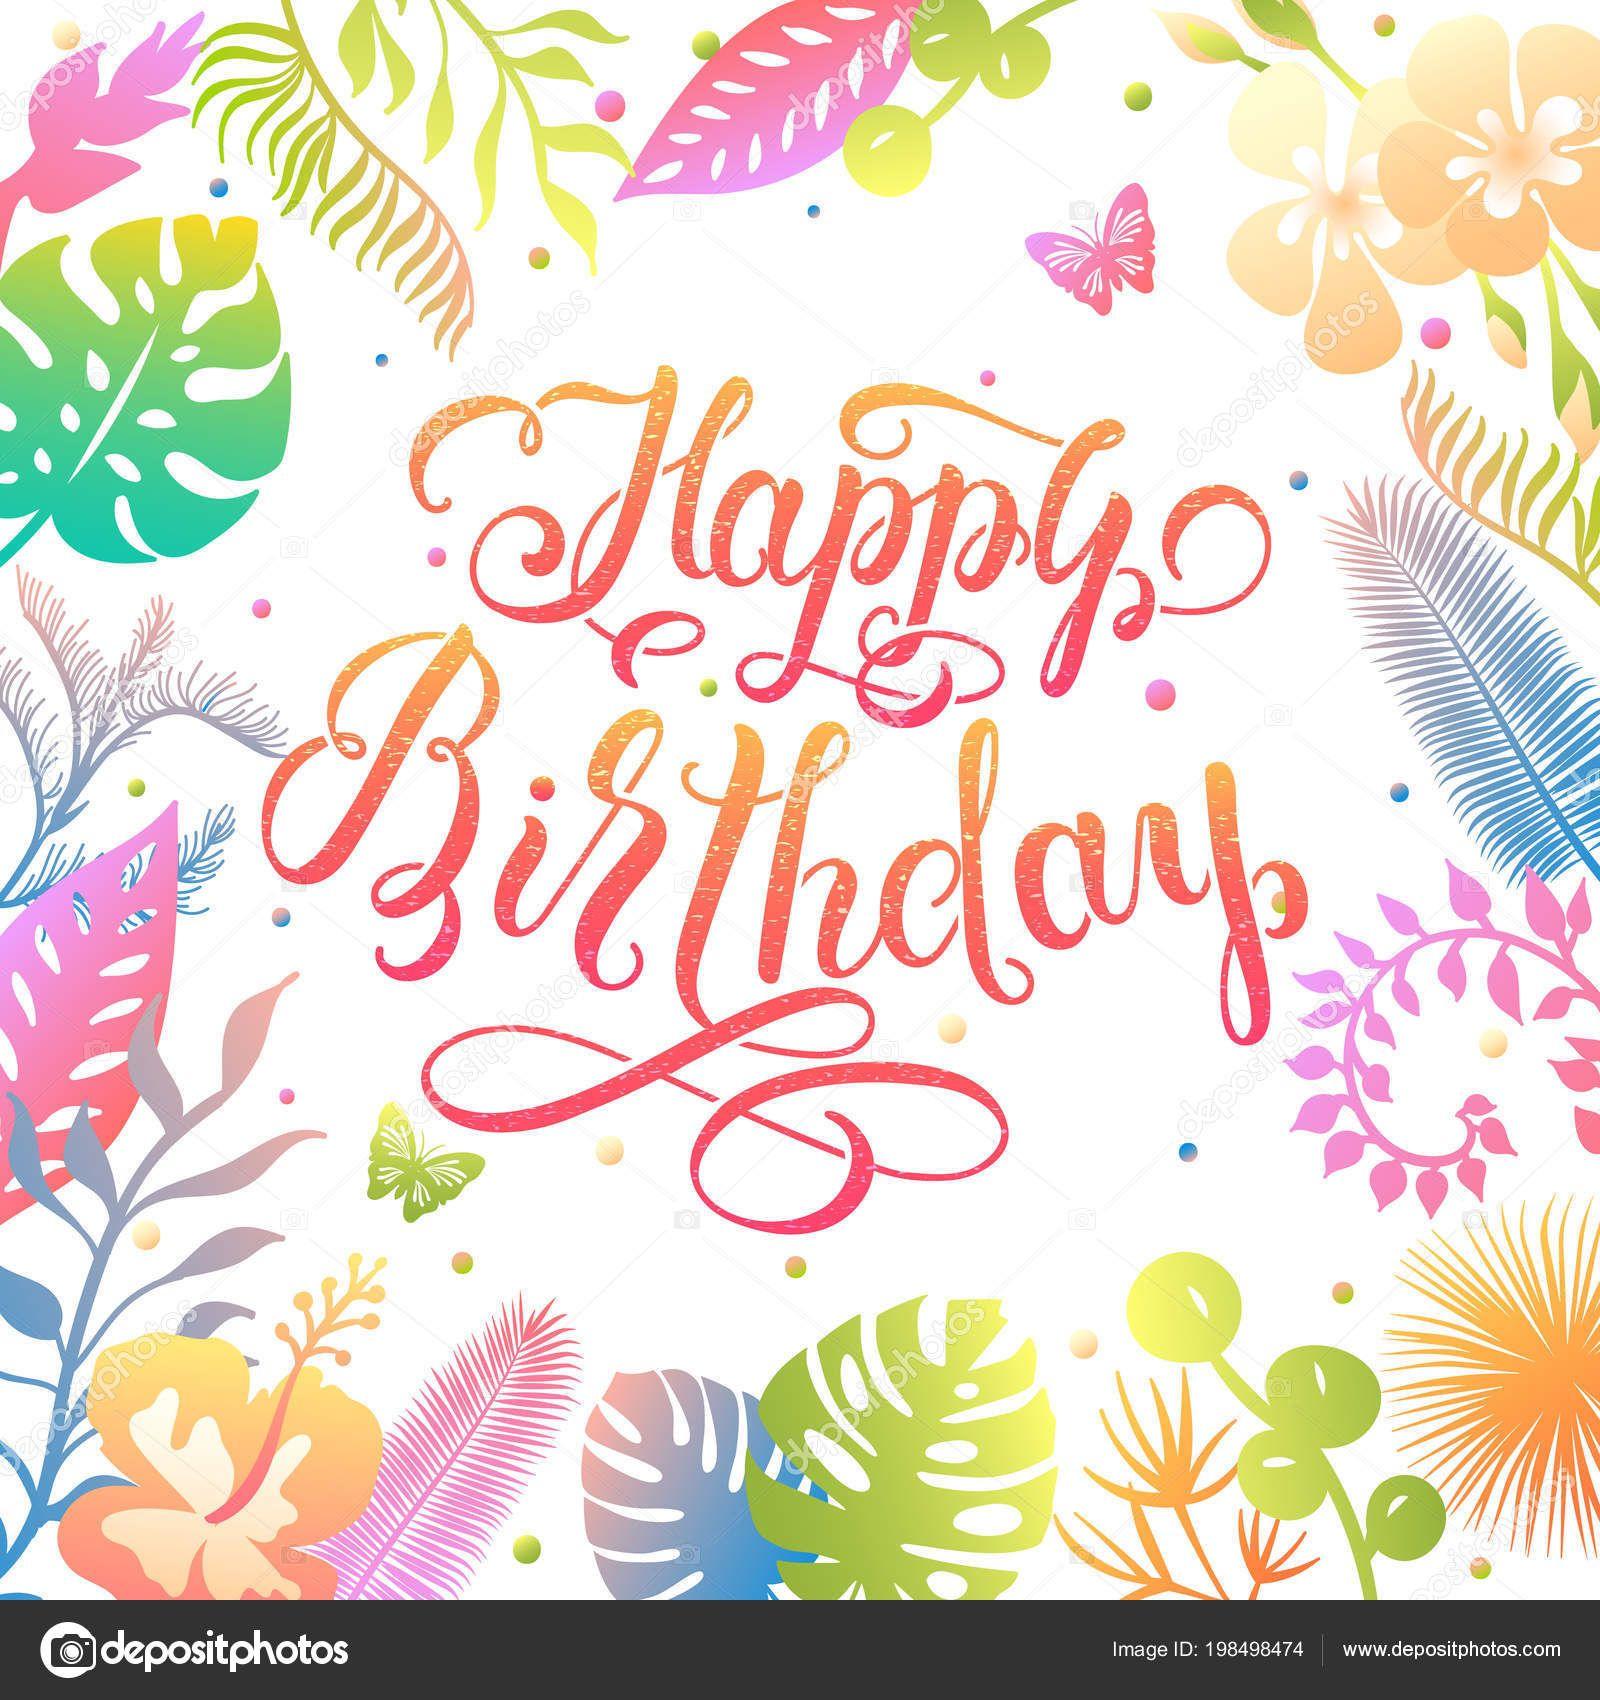 無料イラスト 春夏秋冬 印刷可能 Happy Birthday イラスト 手書き イラスト 手書き イラスト ハッピーバースデー